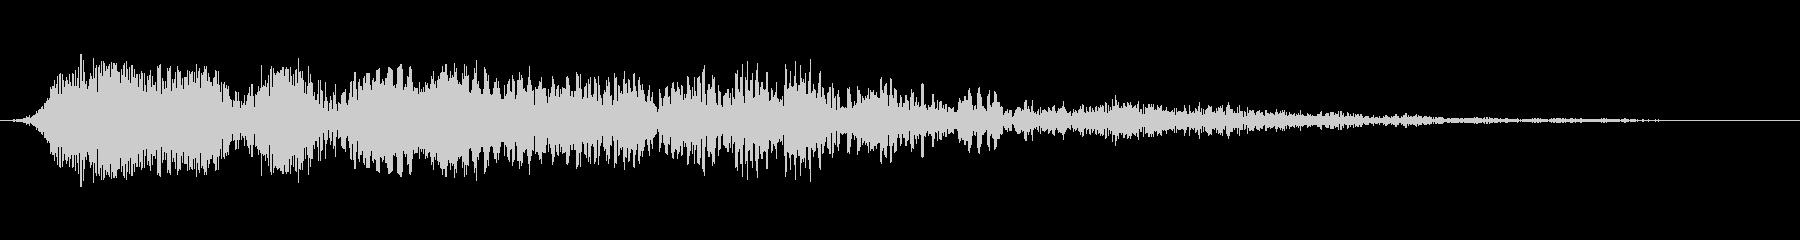 低位相ドローンフーシュ2の未再生の波形